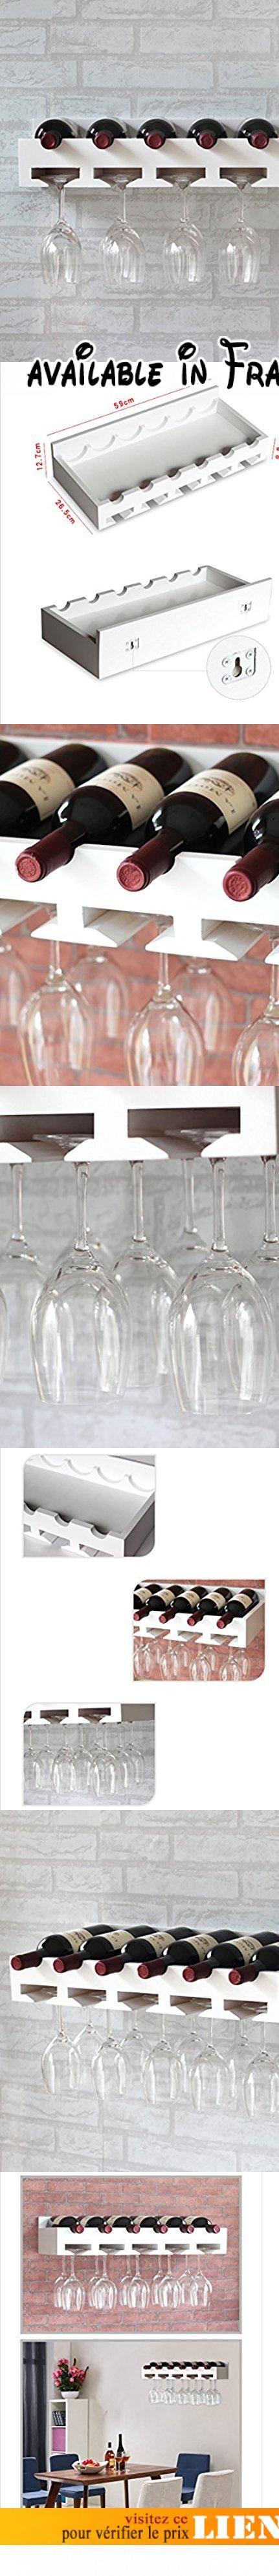 fafz porte-bouteilles de vin en bois massif rangements de vin rouge